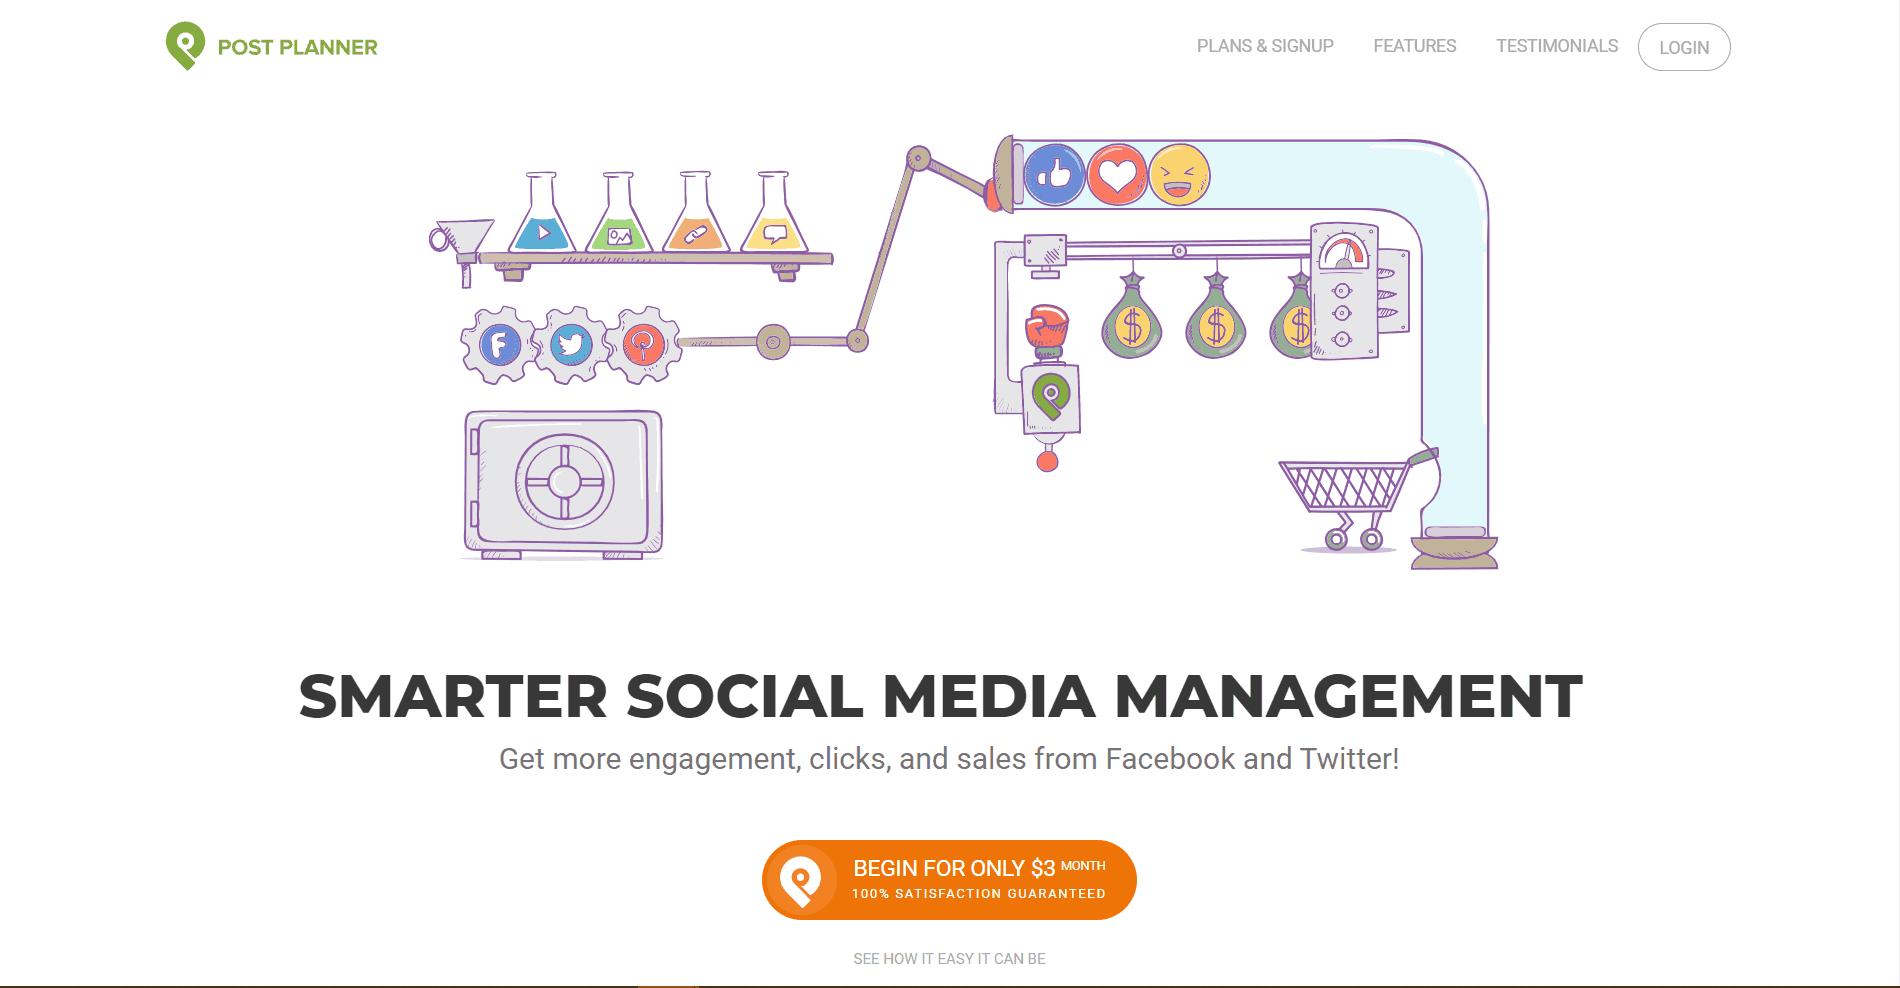 Post Planner Social Media Marketing Tool